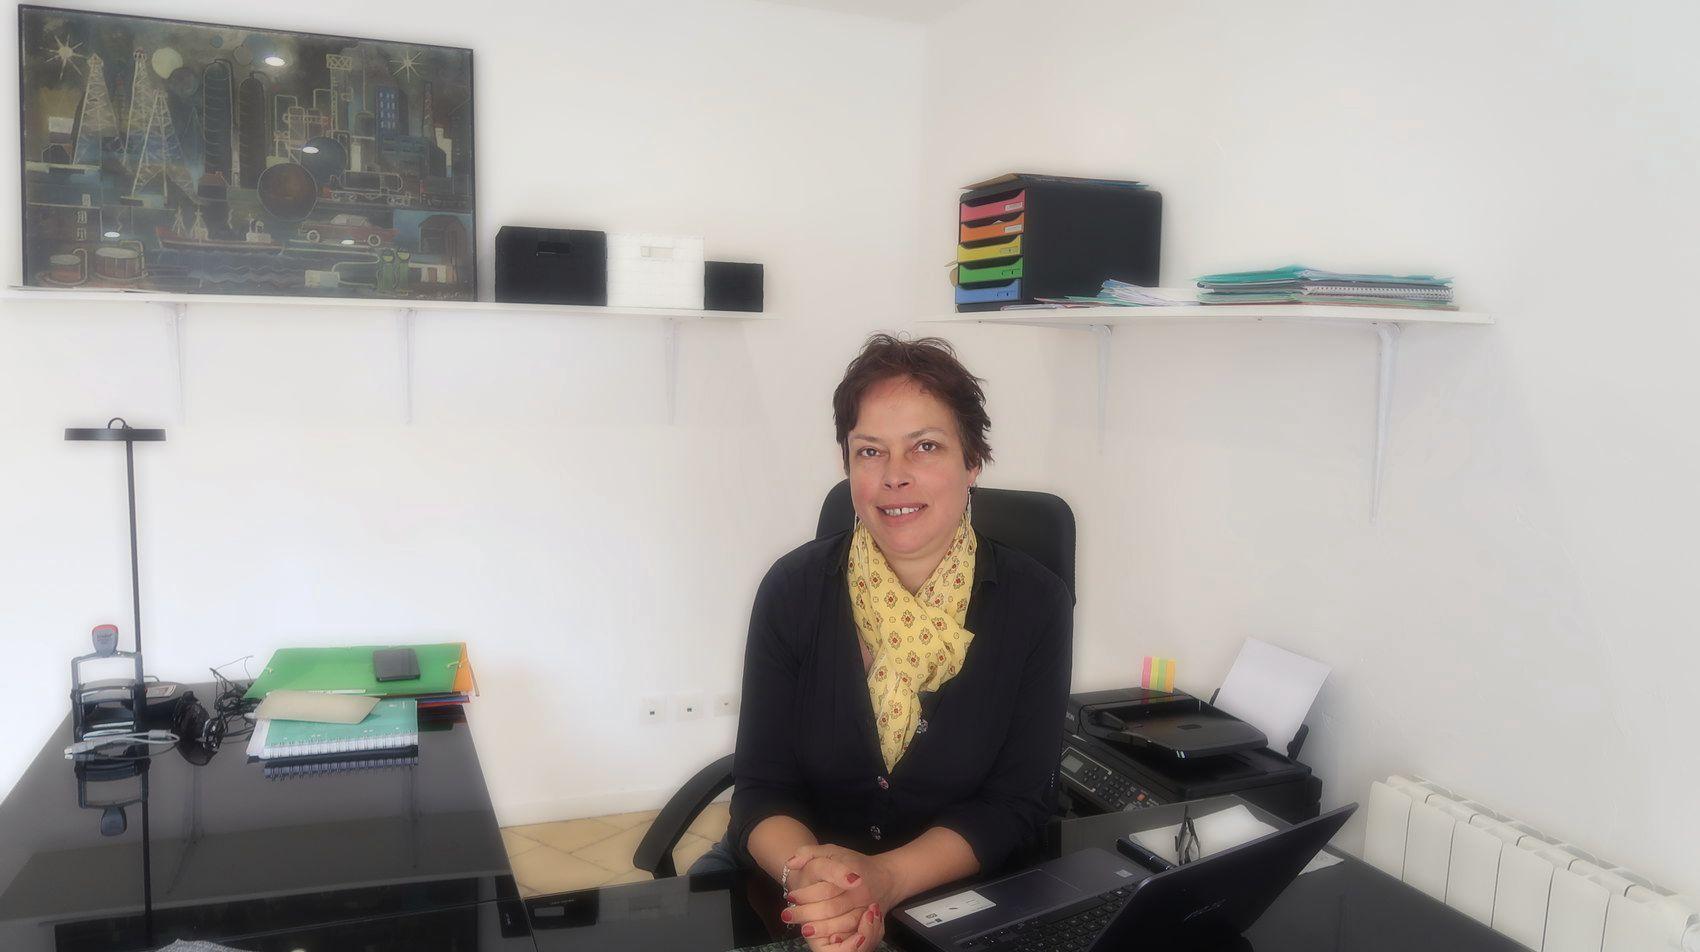 Vauvert nathalie vaucheret ouvre son cabinet d expertise en valuation immobili re et - Cabinet expertise batiment ...